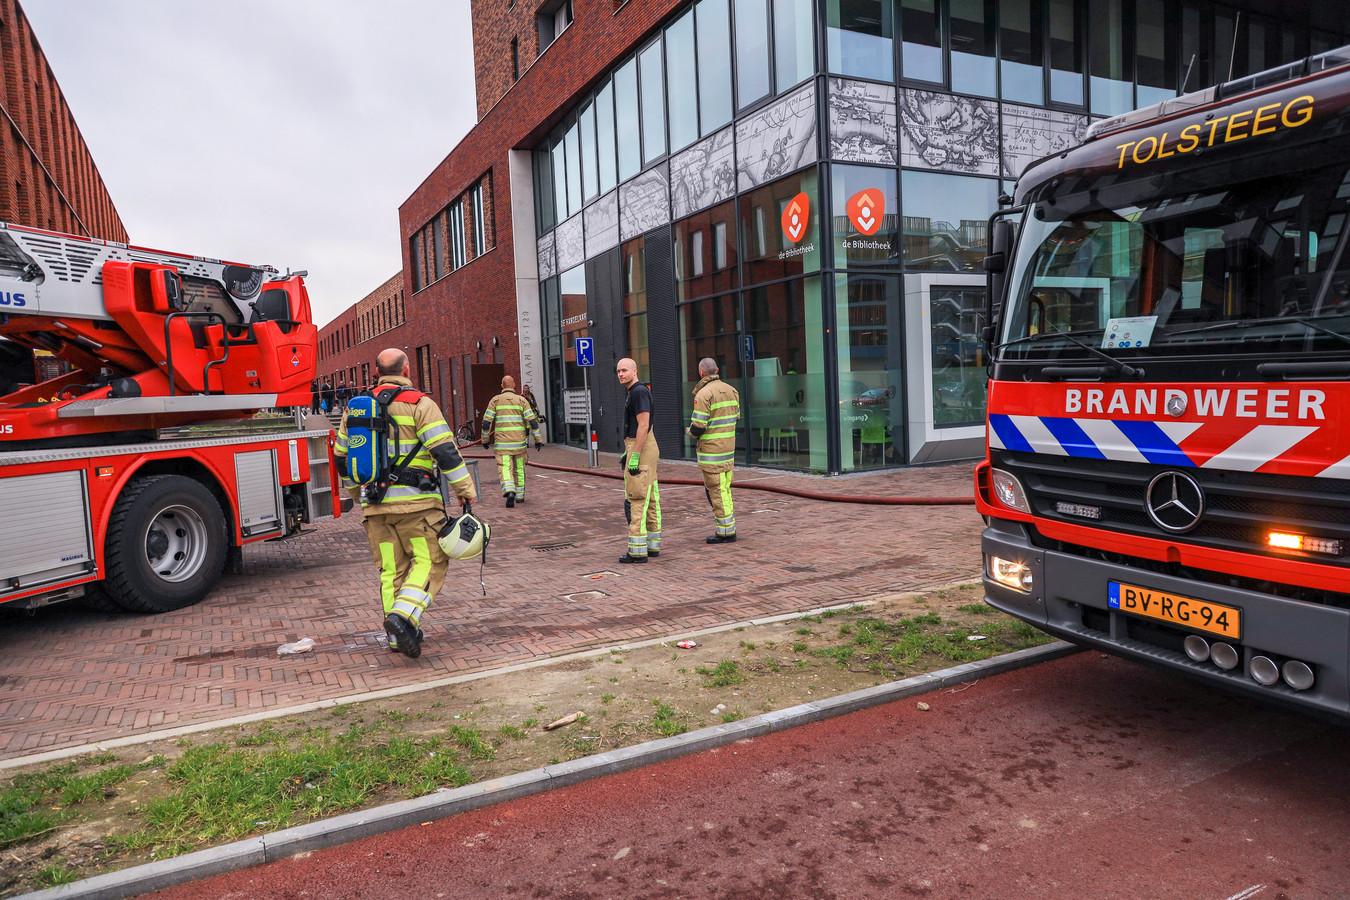 Zaterdagmiddag 2 maart rond 15.40 uur ontstond de brand in het appartementencomplex aan de Amerikalaan in Utrecht. Hoe de brand ontstond is niet duidelijk. Gewonden vielen er niet, wel vonden hulpverleners kilo's drugs.